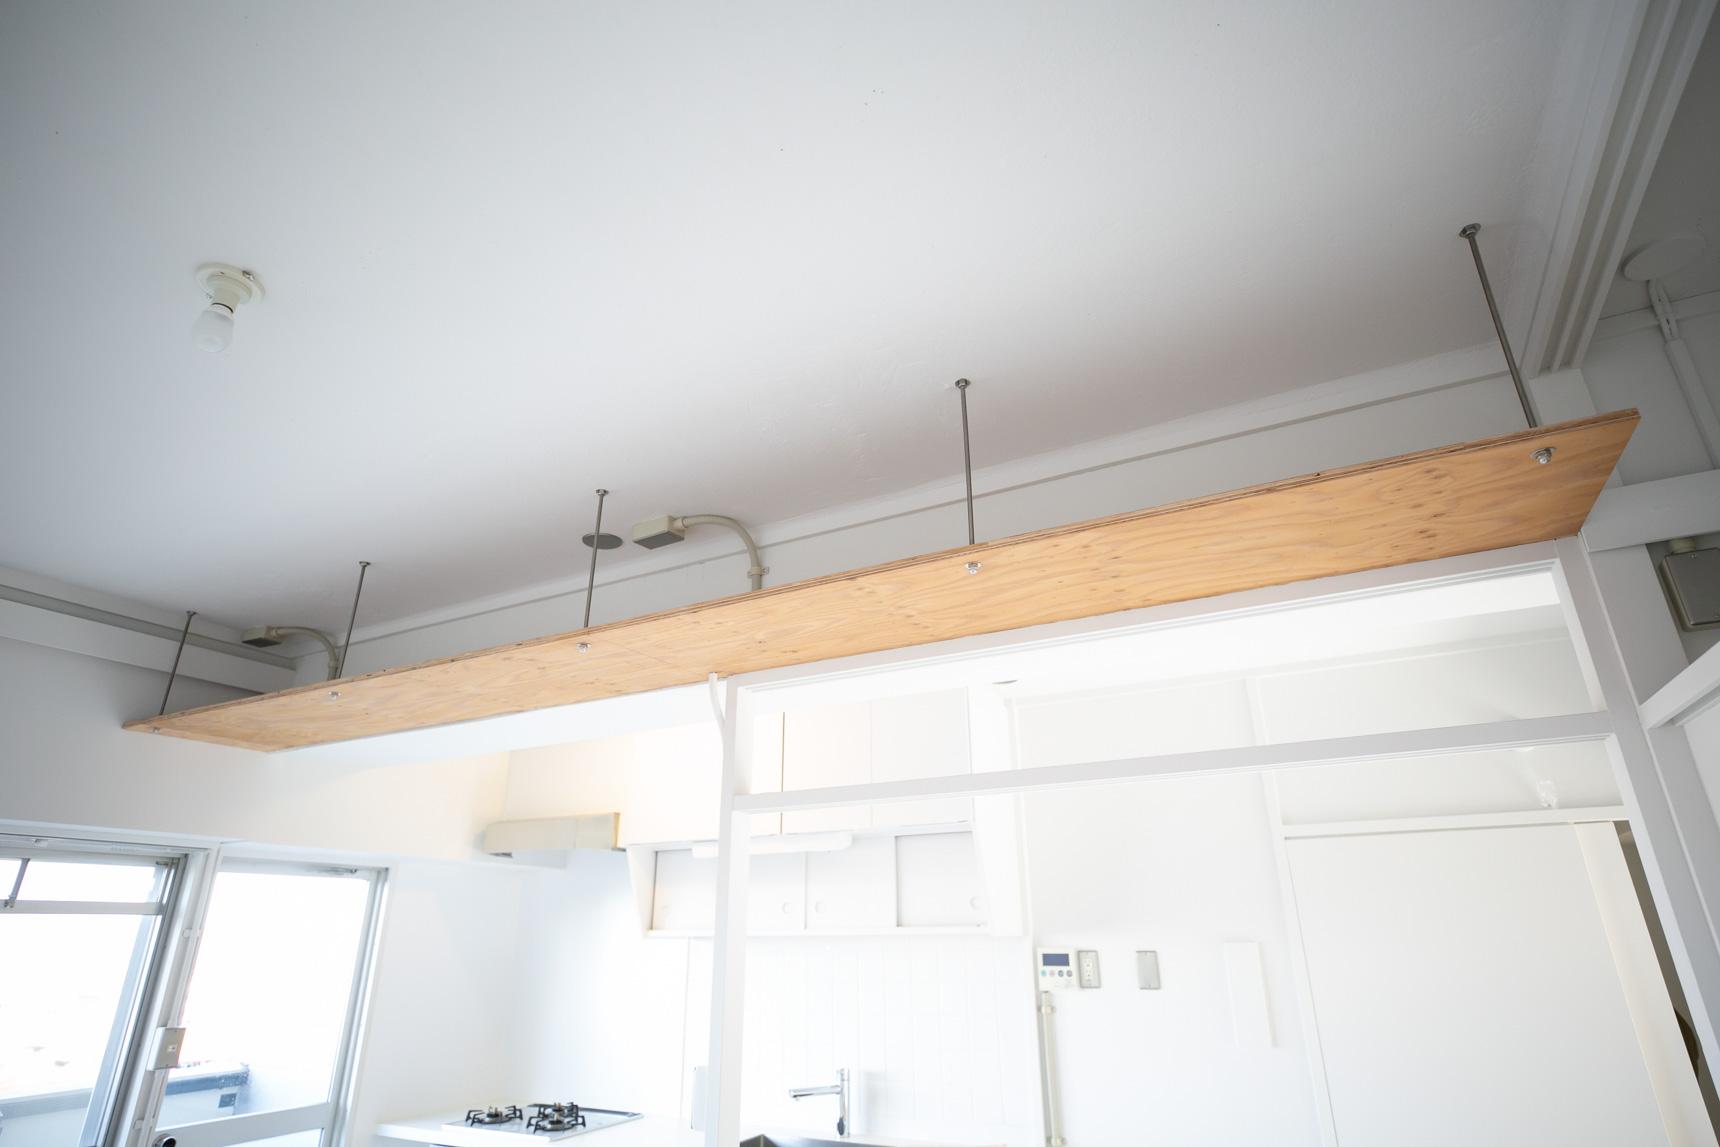 部屋と部屋の仕切りも、特徴的。こちらの「小天井」は、下に無印良品のユニットシェルフを組み合わせて転倒防止の突っ張りとして機能する様にも考えられています。間に収納を置いて間仕切りがわりにできるんですね。